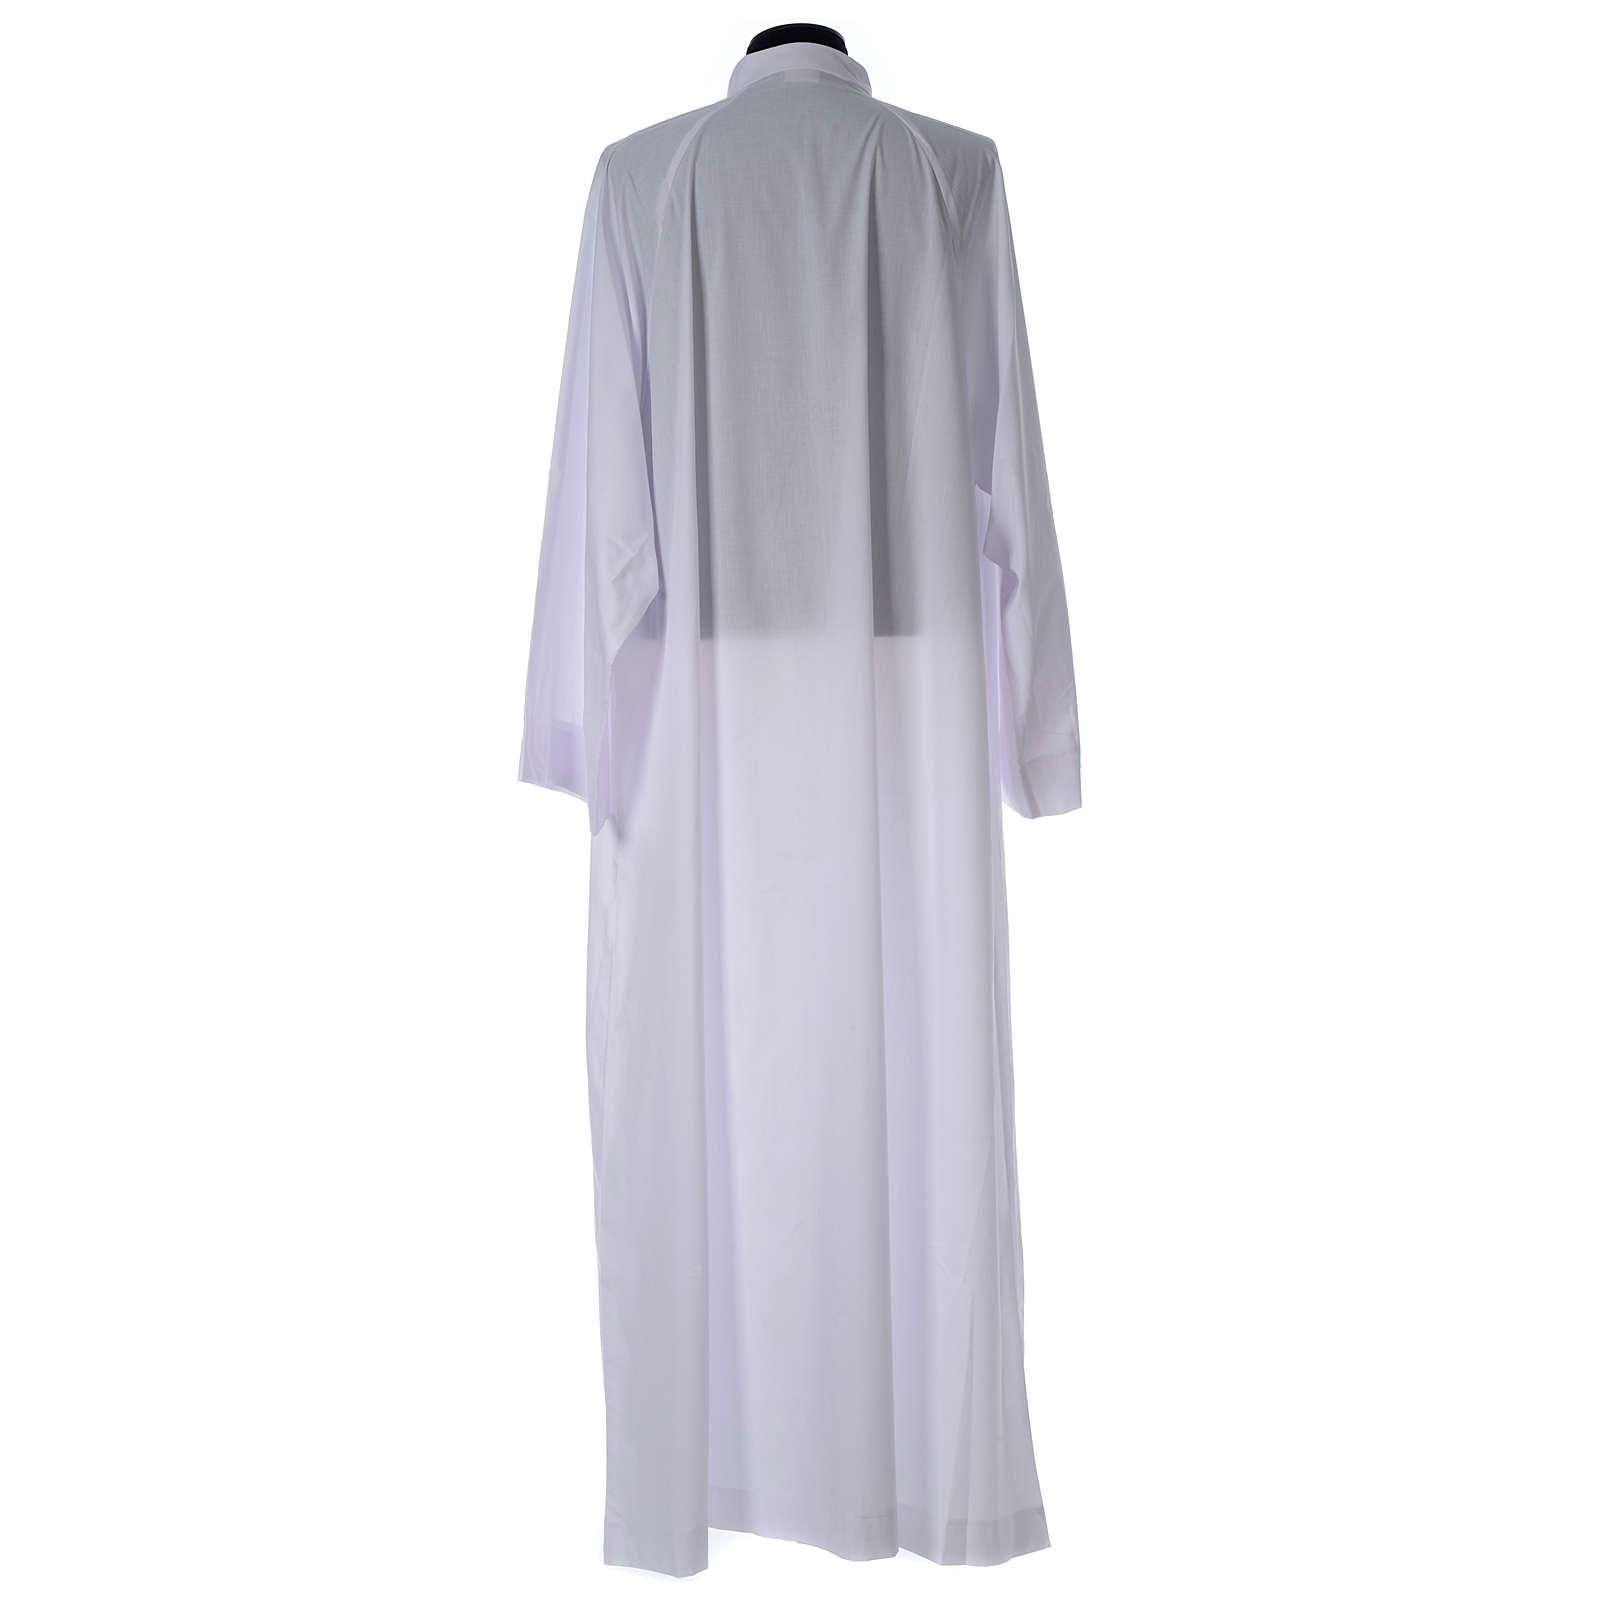 Alba biała rozkloszowana z rękawem raglan bawełna mieszana 4